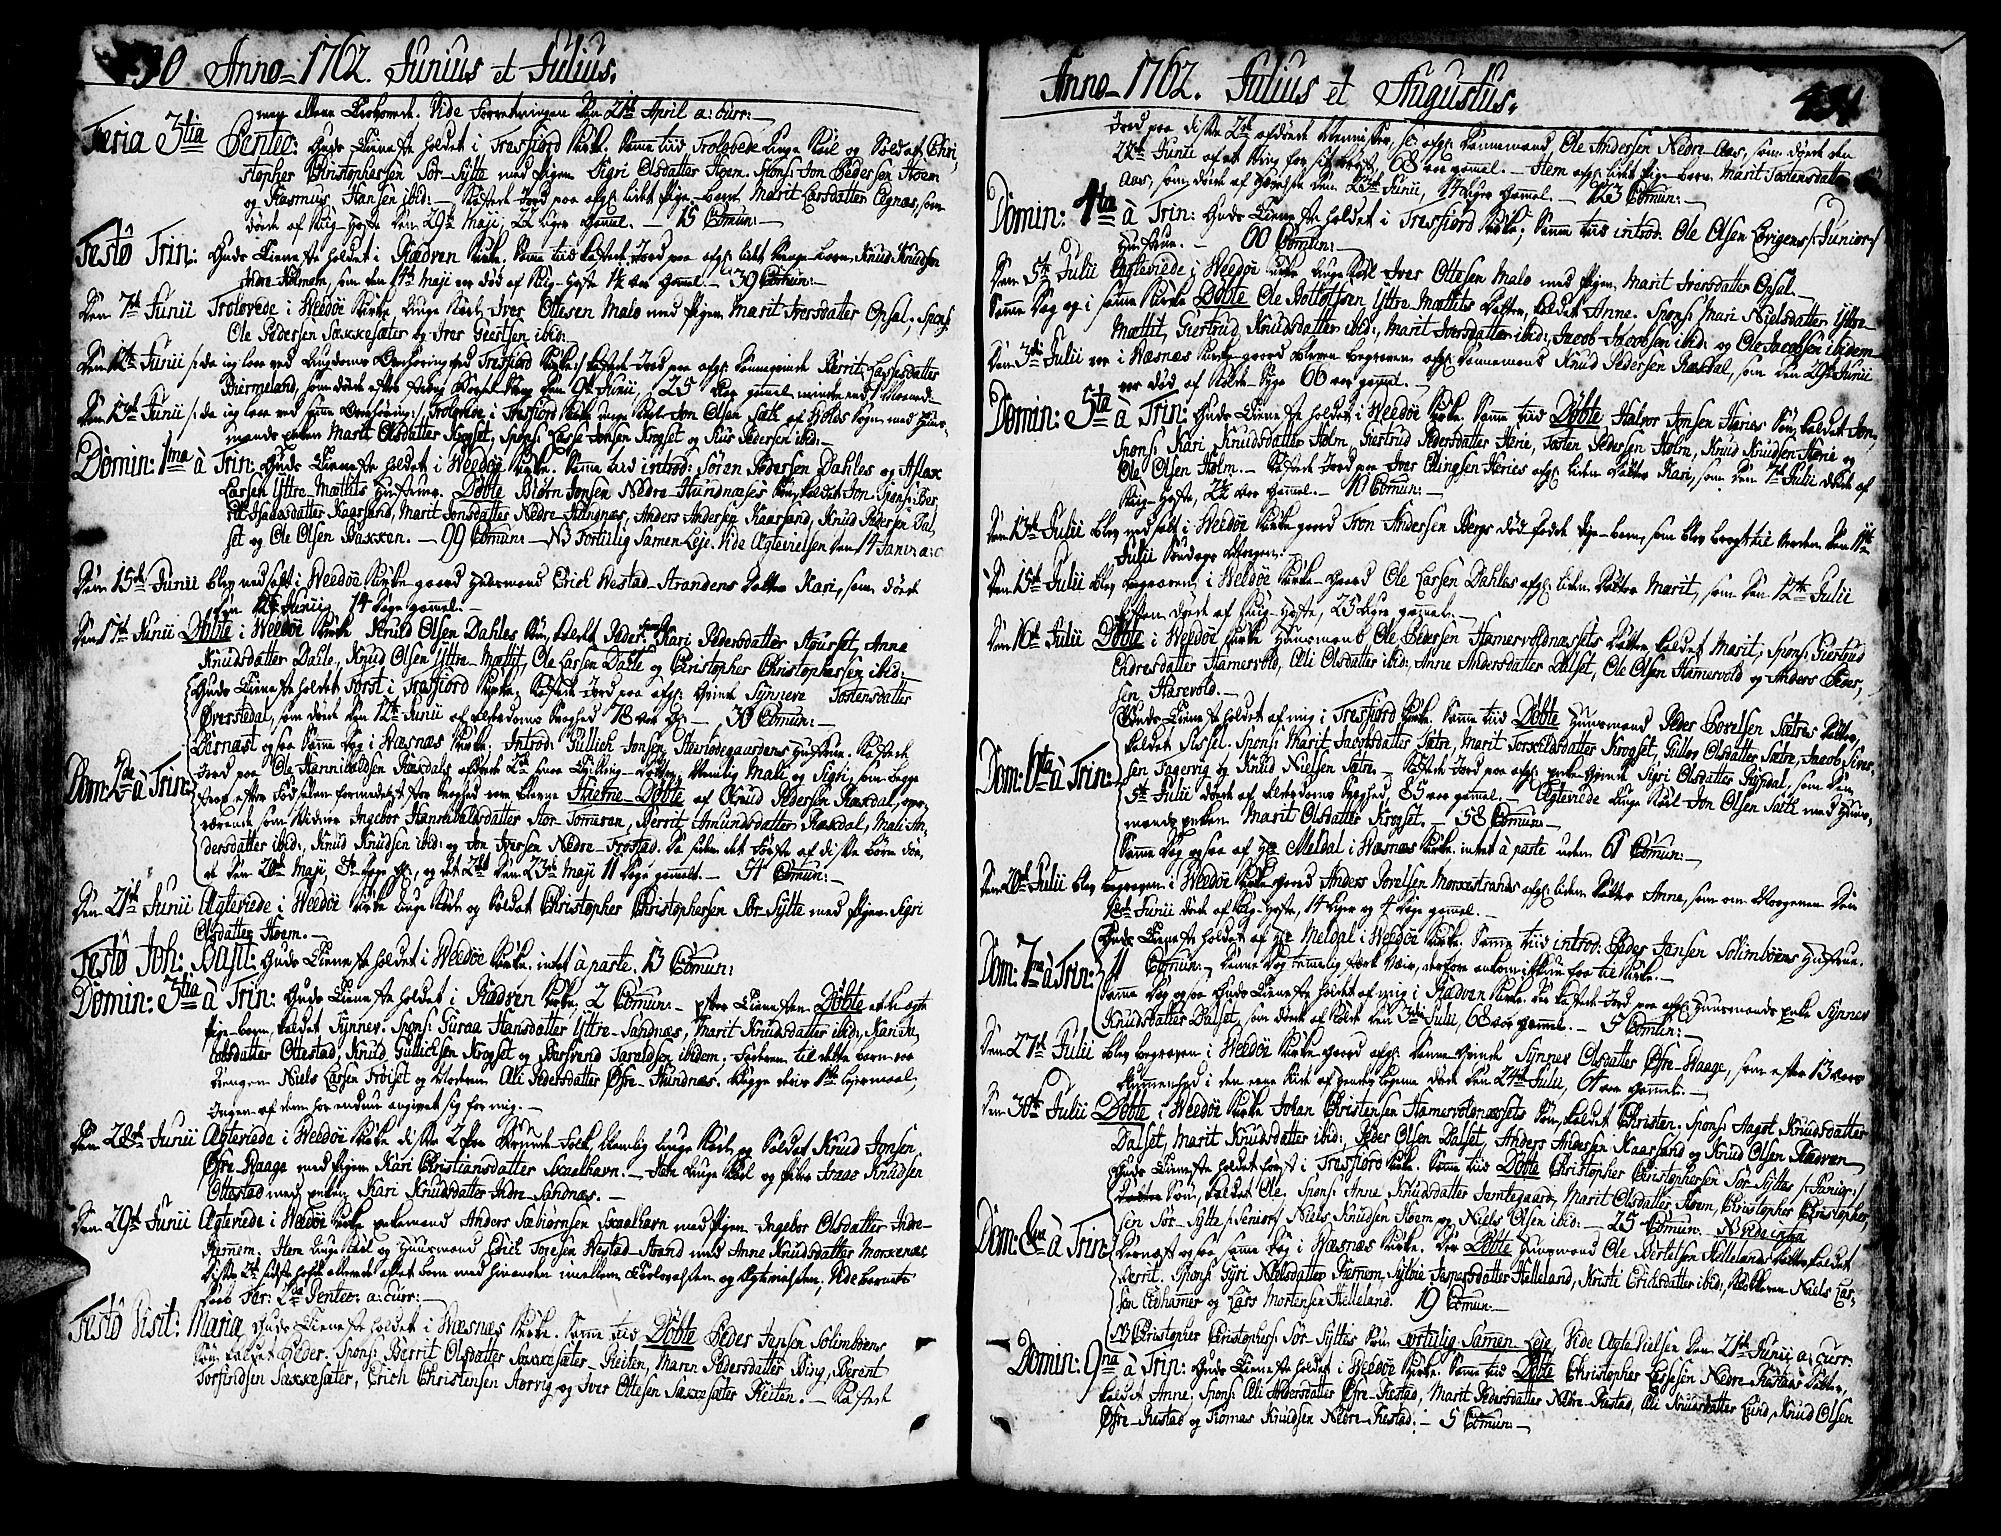 SAT, Ministerialprotokoller, klokkerbøker og fødselsregistre - Møre og Romsdal, 547/L0599: Ministerialbok nr. 547A01, 1721-1764, s. 490-491